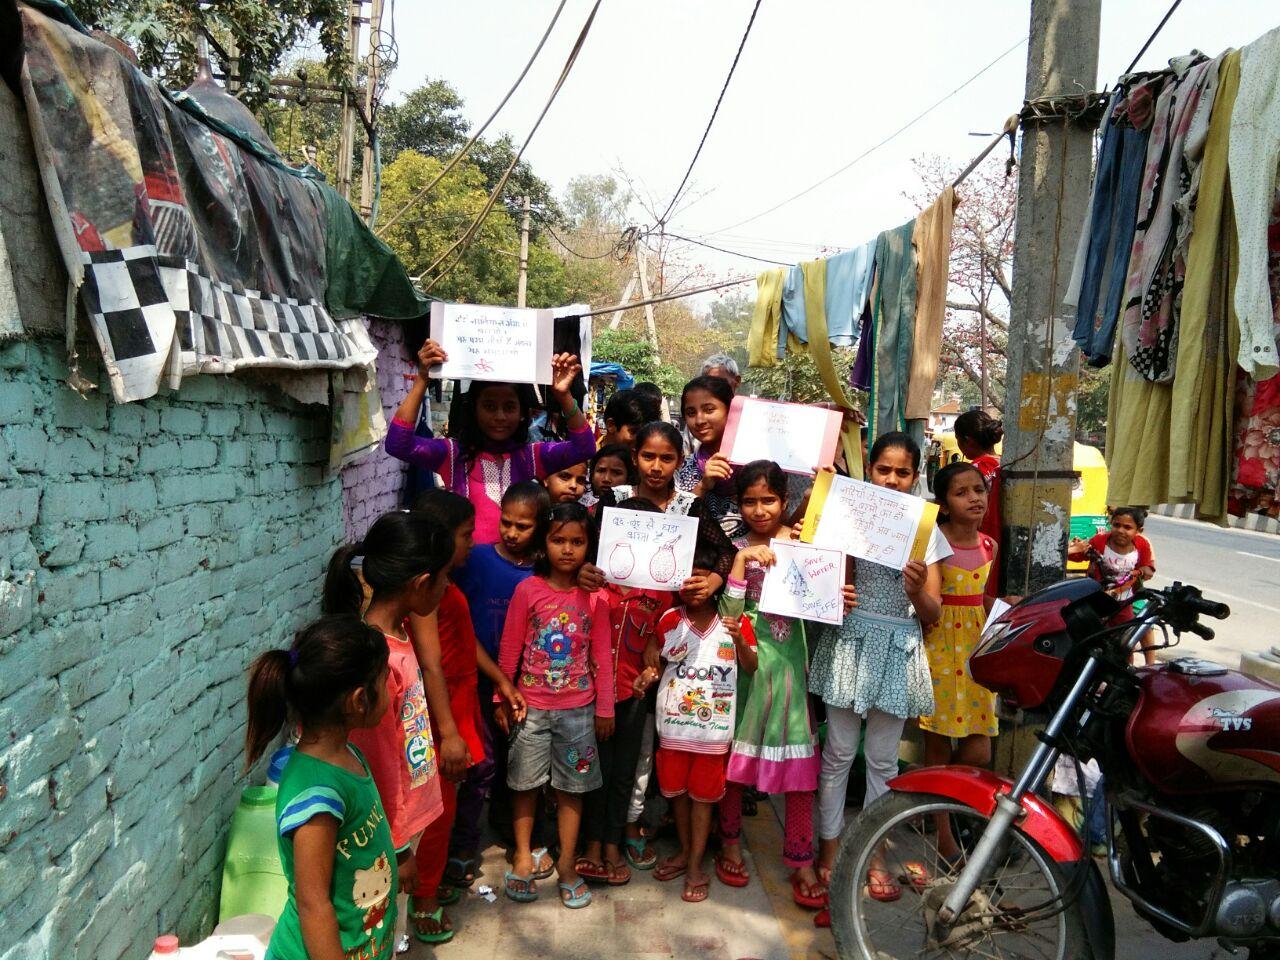 The Mobile Health Van area children voicing slogans in their slum